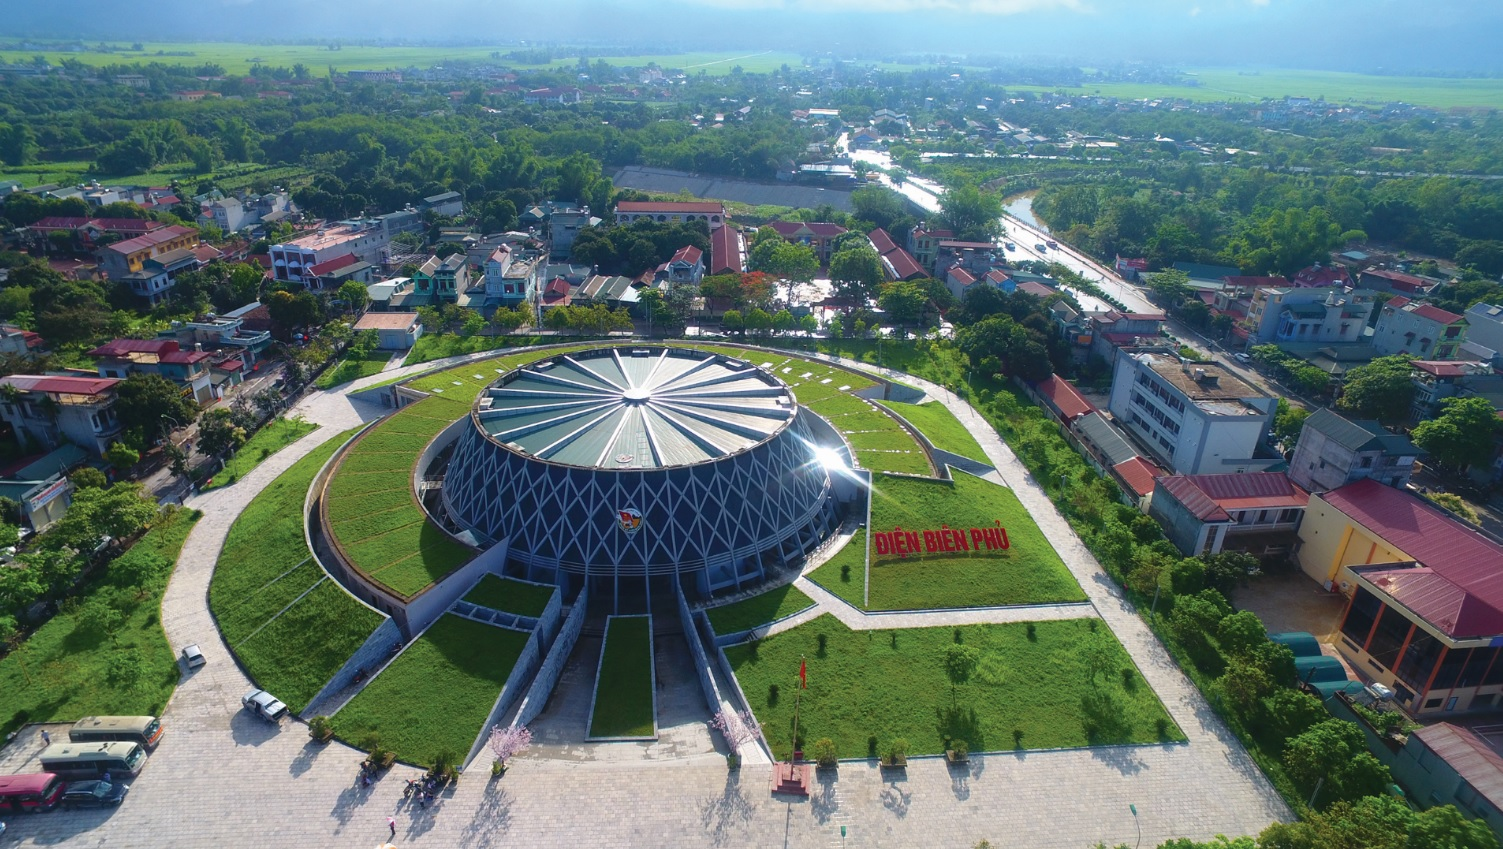 Bảo tàng Chiến thắng Điện Biên Phủ nhìn từ trên cao.